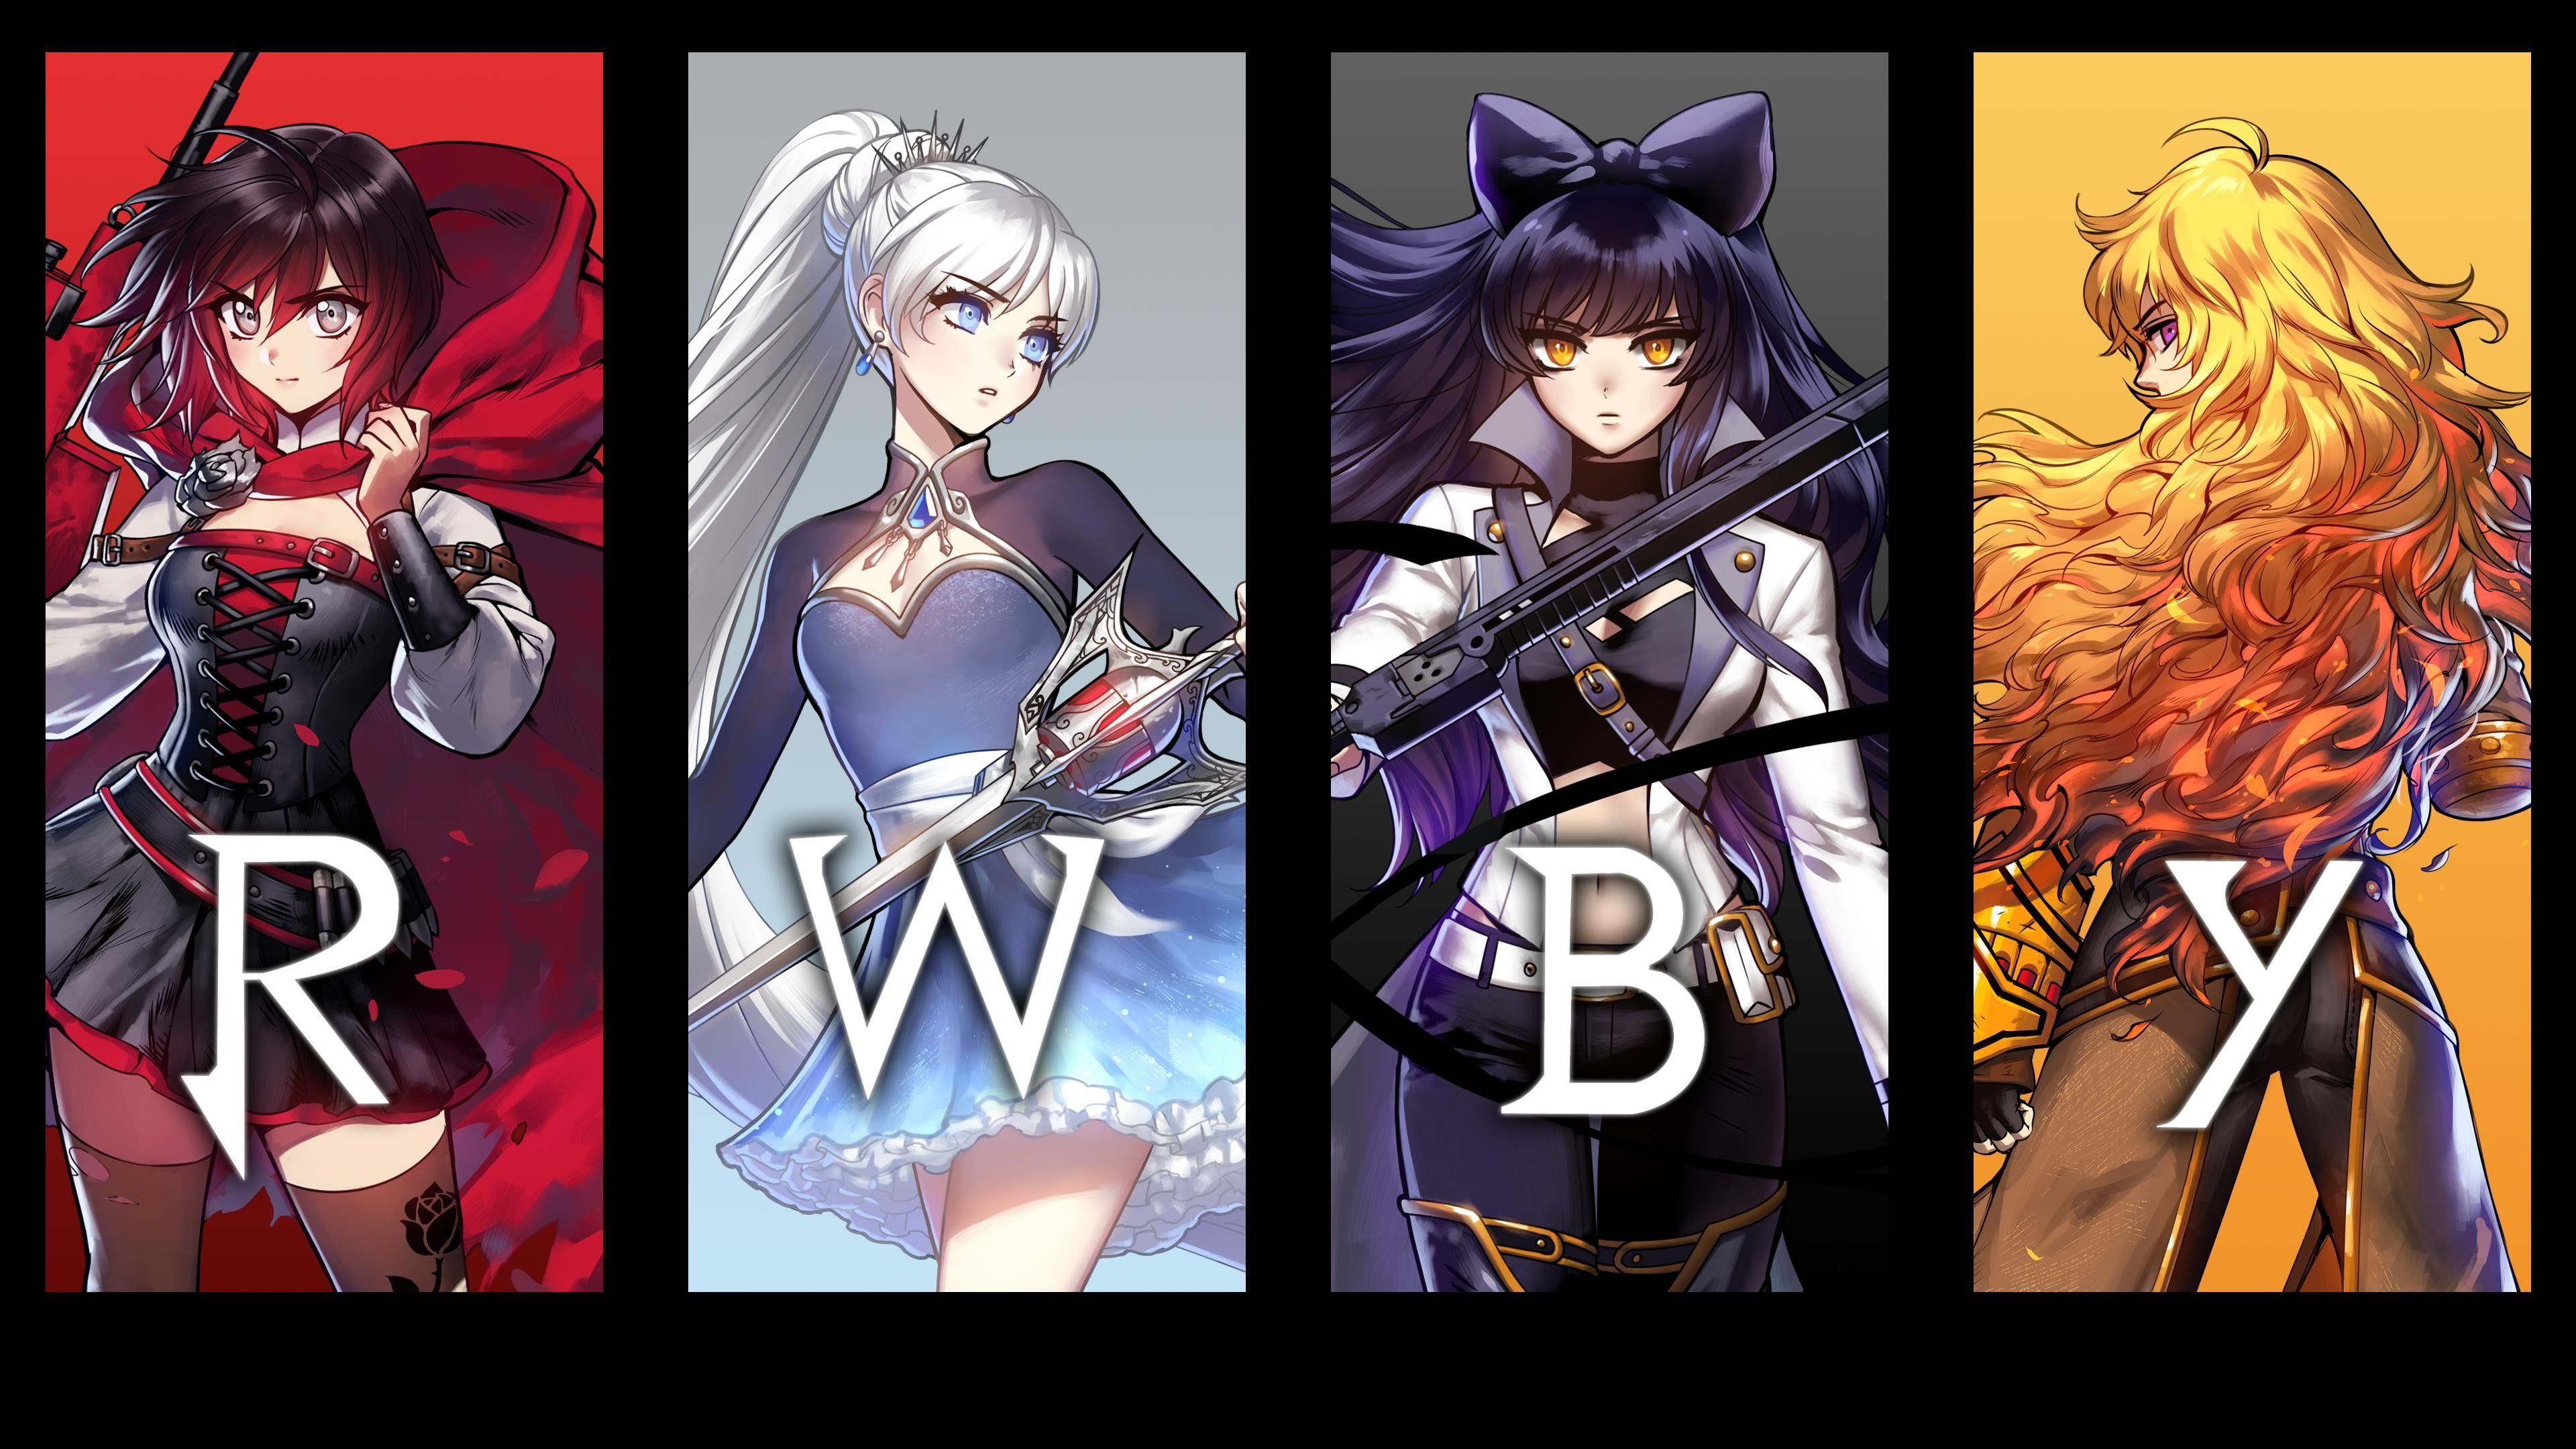 Pin by Norman Winne on anime Rwby poster, Rwby, Rwby